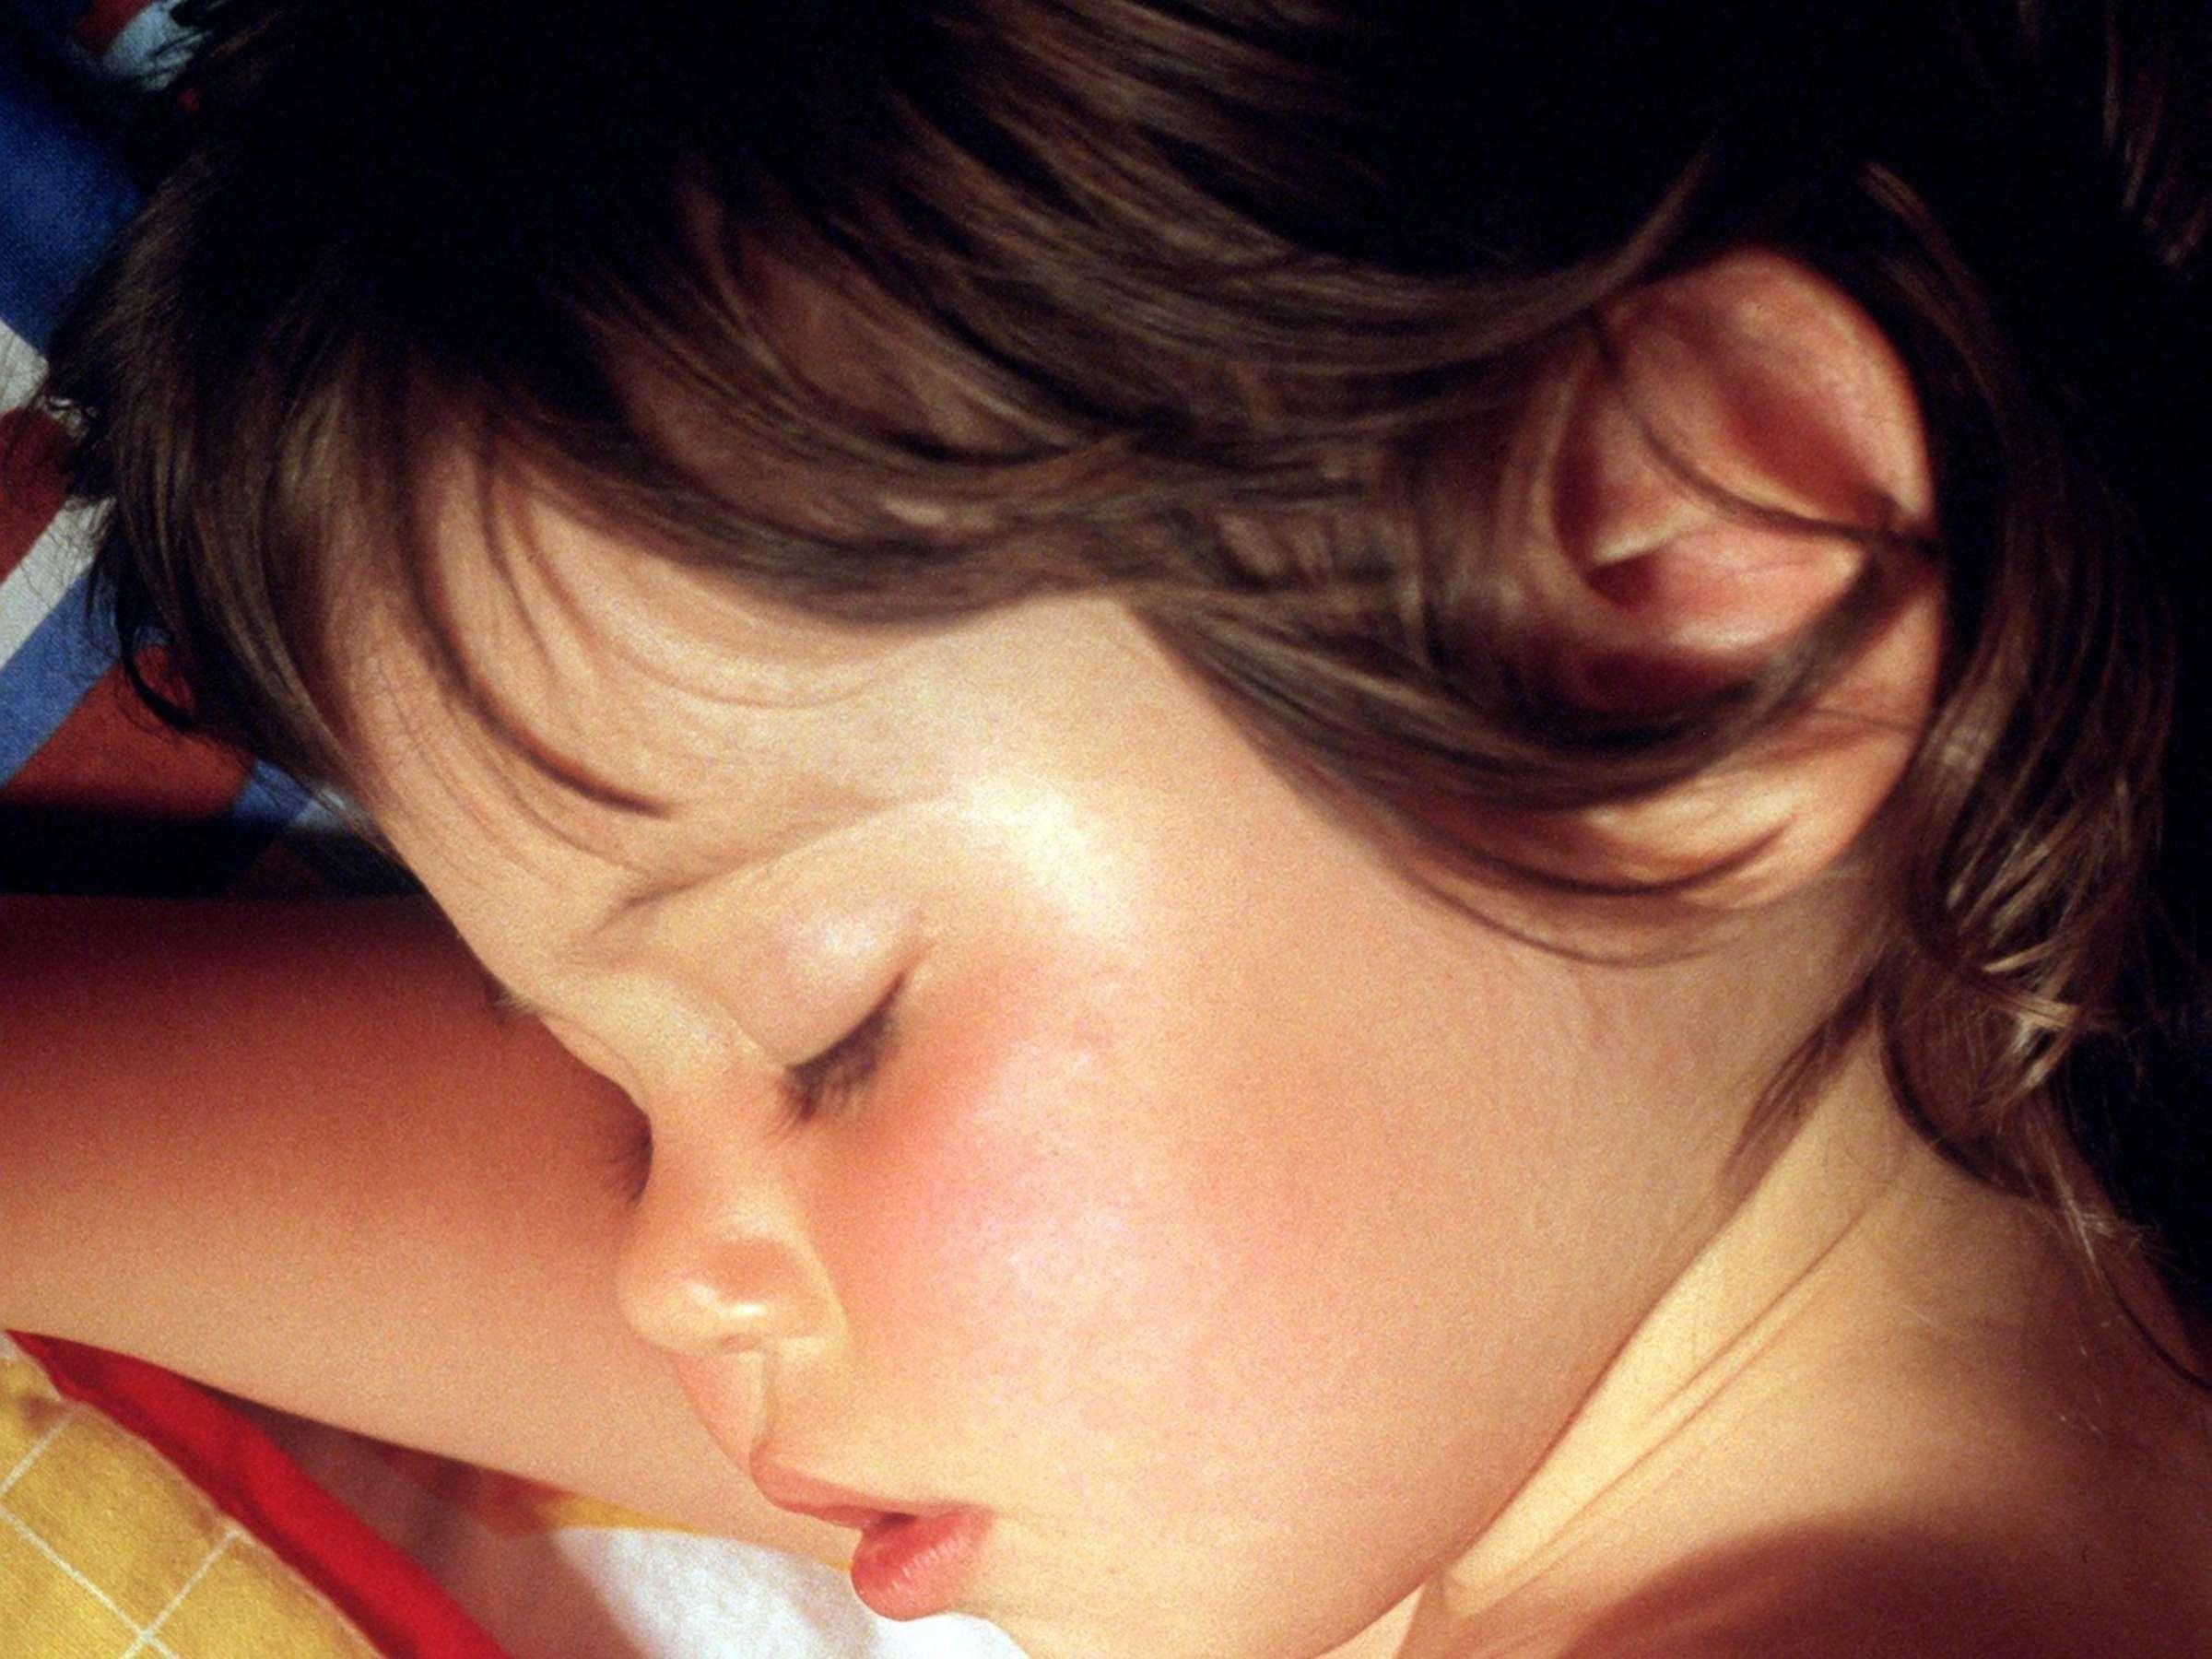 Wie Viel Schlaf Brauchen Kinder Wirklich Schlaf Experten Geben Richtlinie Heraus Gesundheit